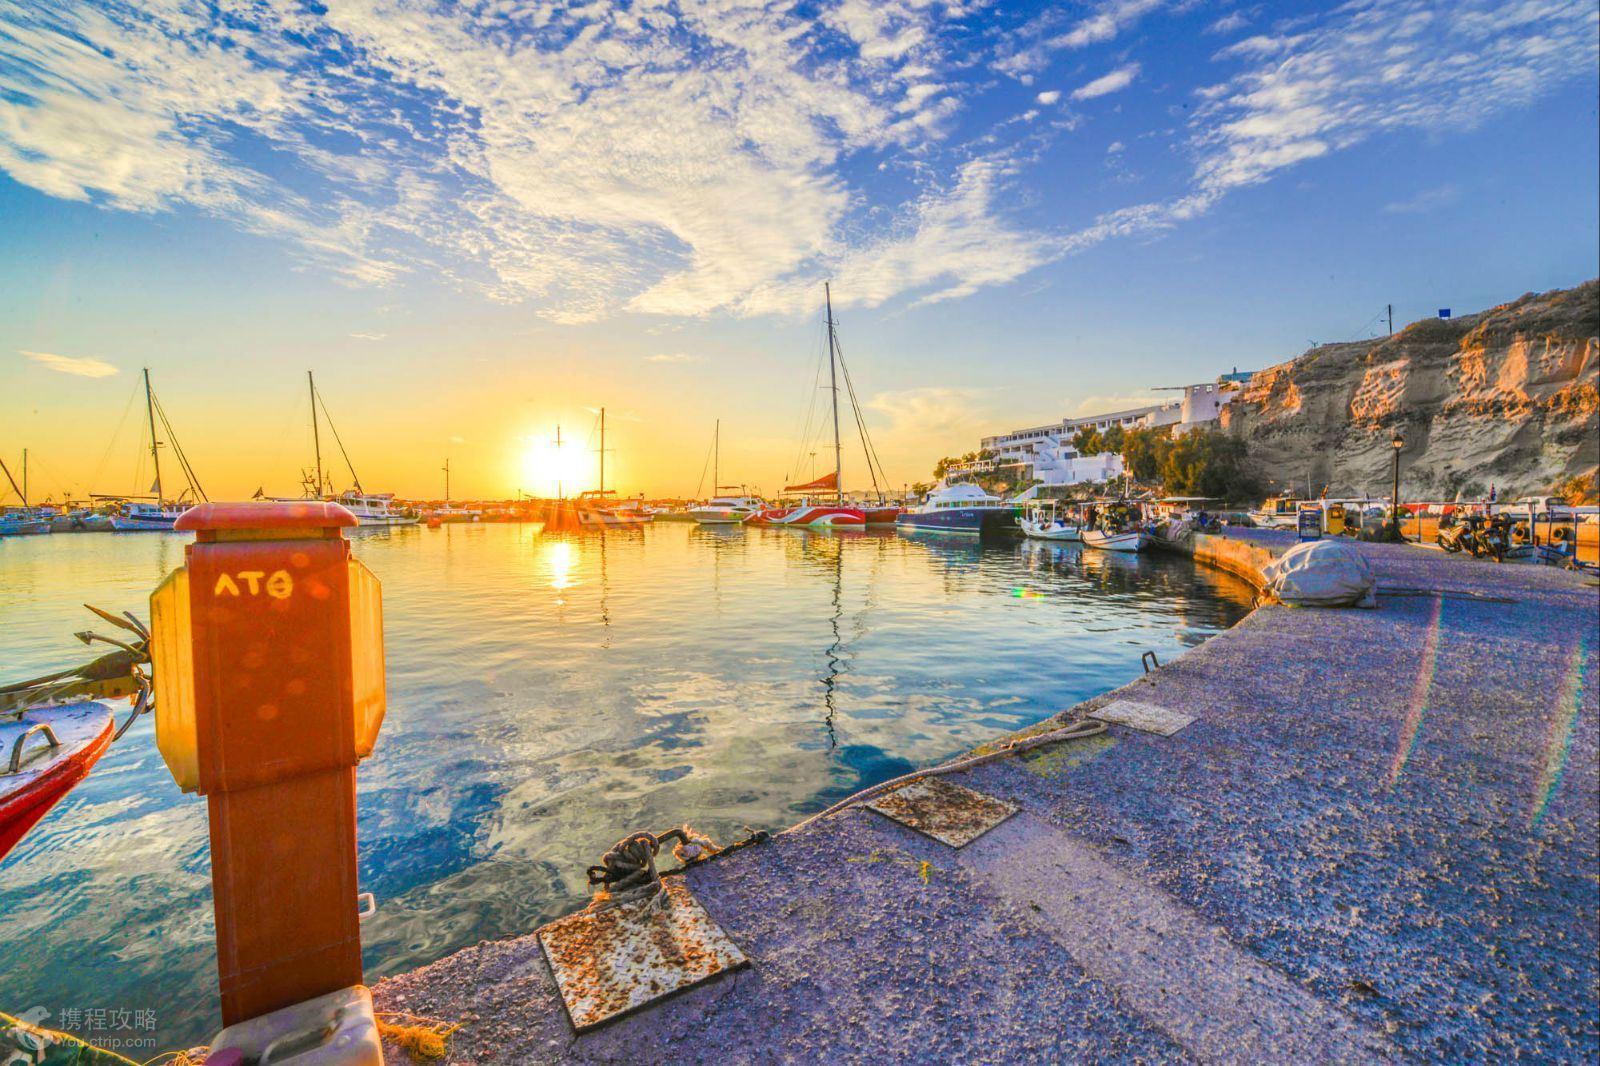 欣赏被称作是全世界最美丽的日落; 雅典是希腊历史上最辉煌的城邦